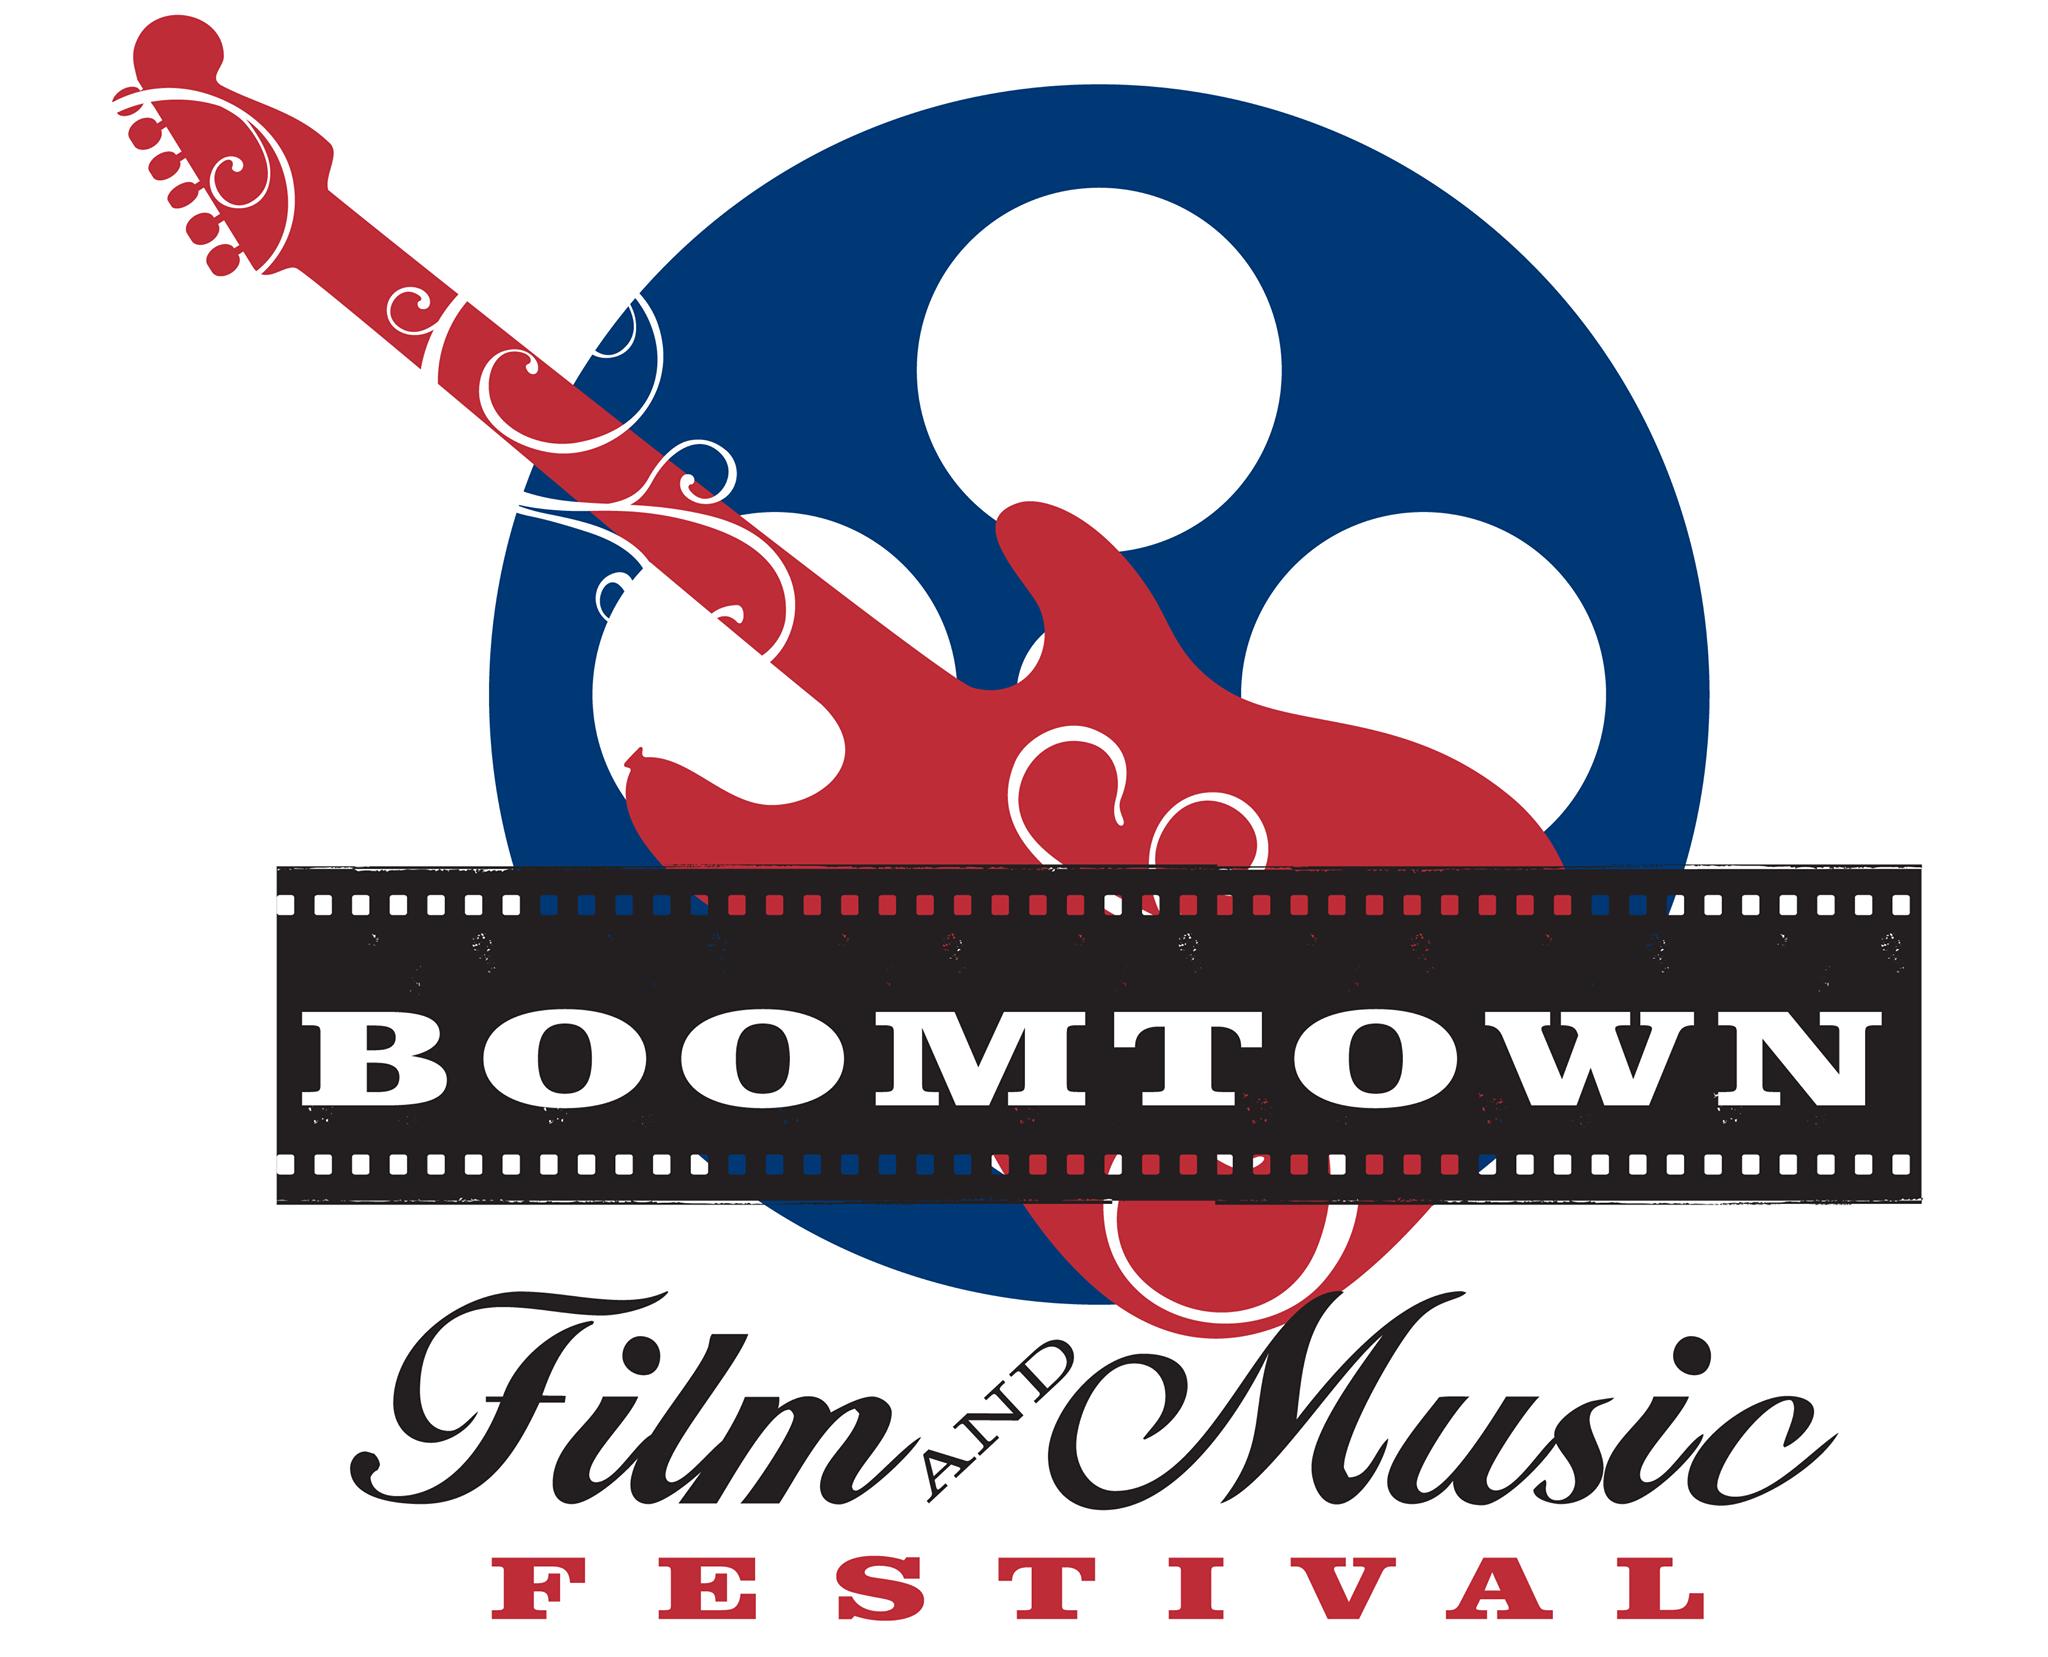 Boomtown Film and Music Festival https://promocionmusical.es/publicidad-en-facebook-de-tus-conciertos-sin-usar-eventos/: